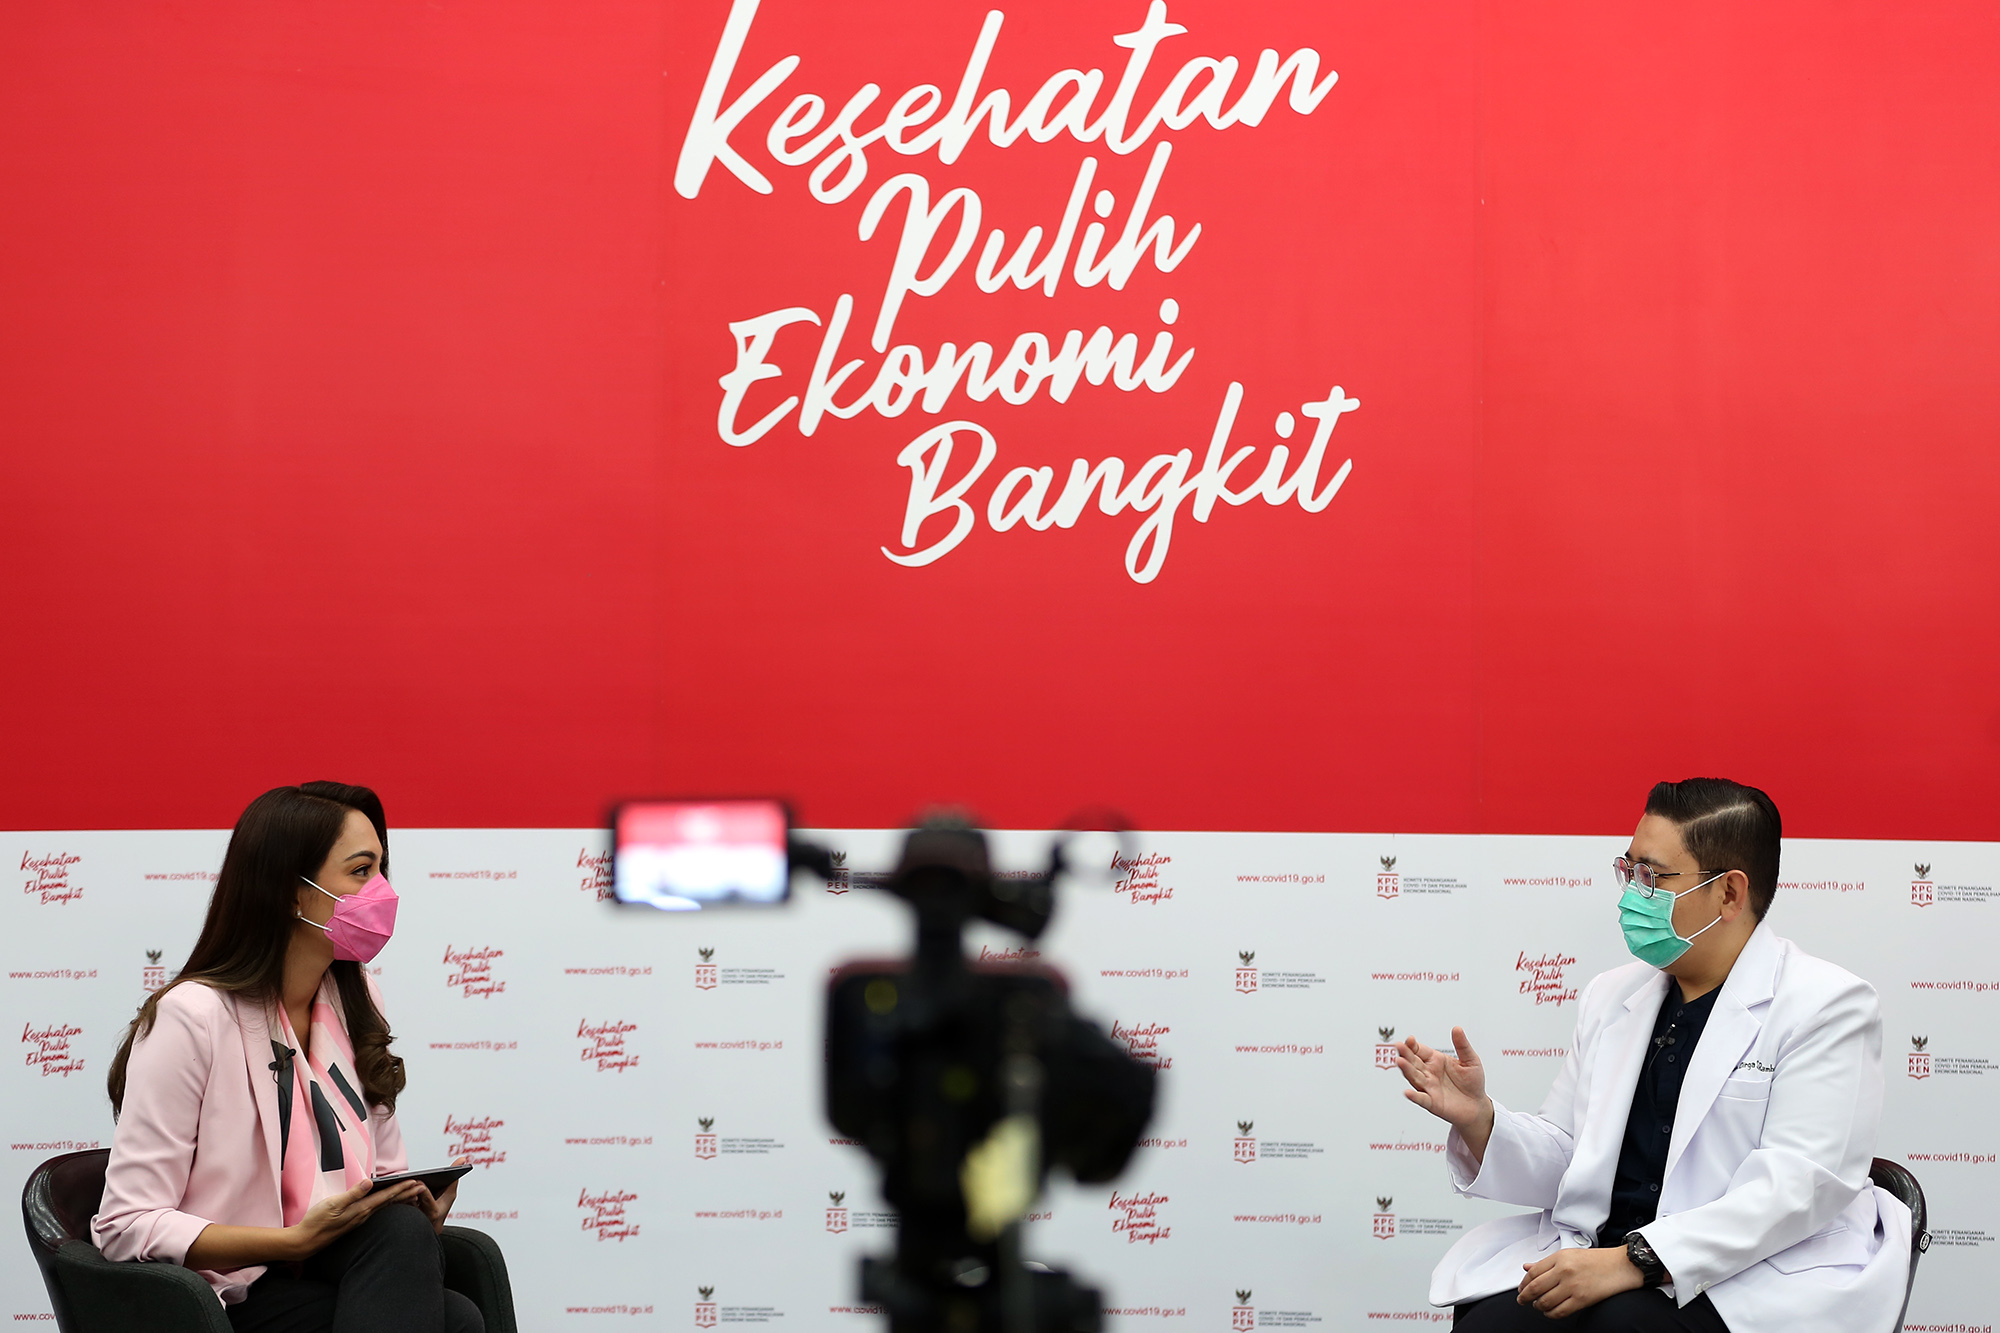 dr. Reisa Broto Asmoro, Juru bicara Covid 19 dan duta adaptasi kebiasaan baru bersama dr Dirga Sakti Rambe, Dokter spesialis penyakit dalam/ vaksinolog dalam diskusi bertema Jalan panjang vaksin sampai ke tubuh kita di Jakarta, Jumat, 20 November 2020.